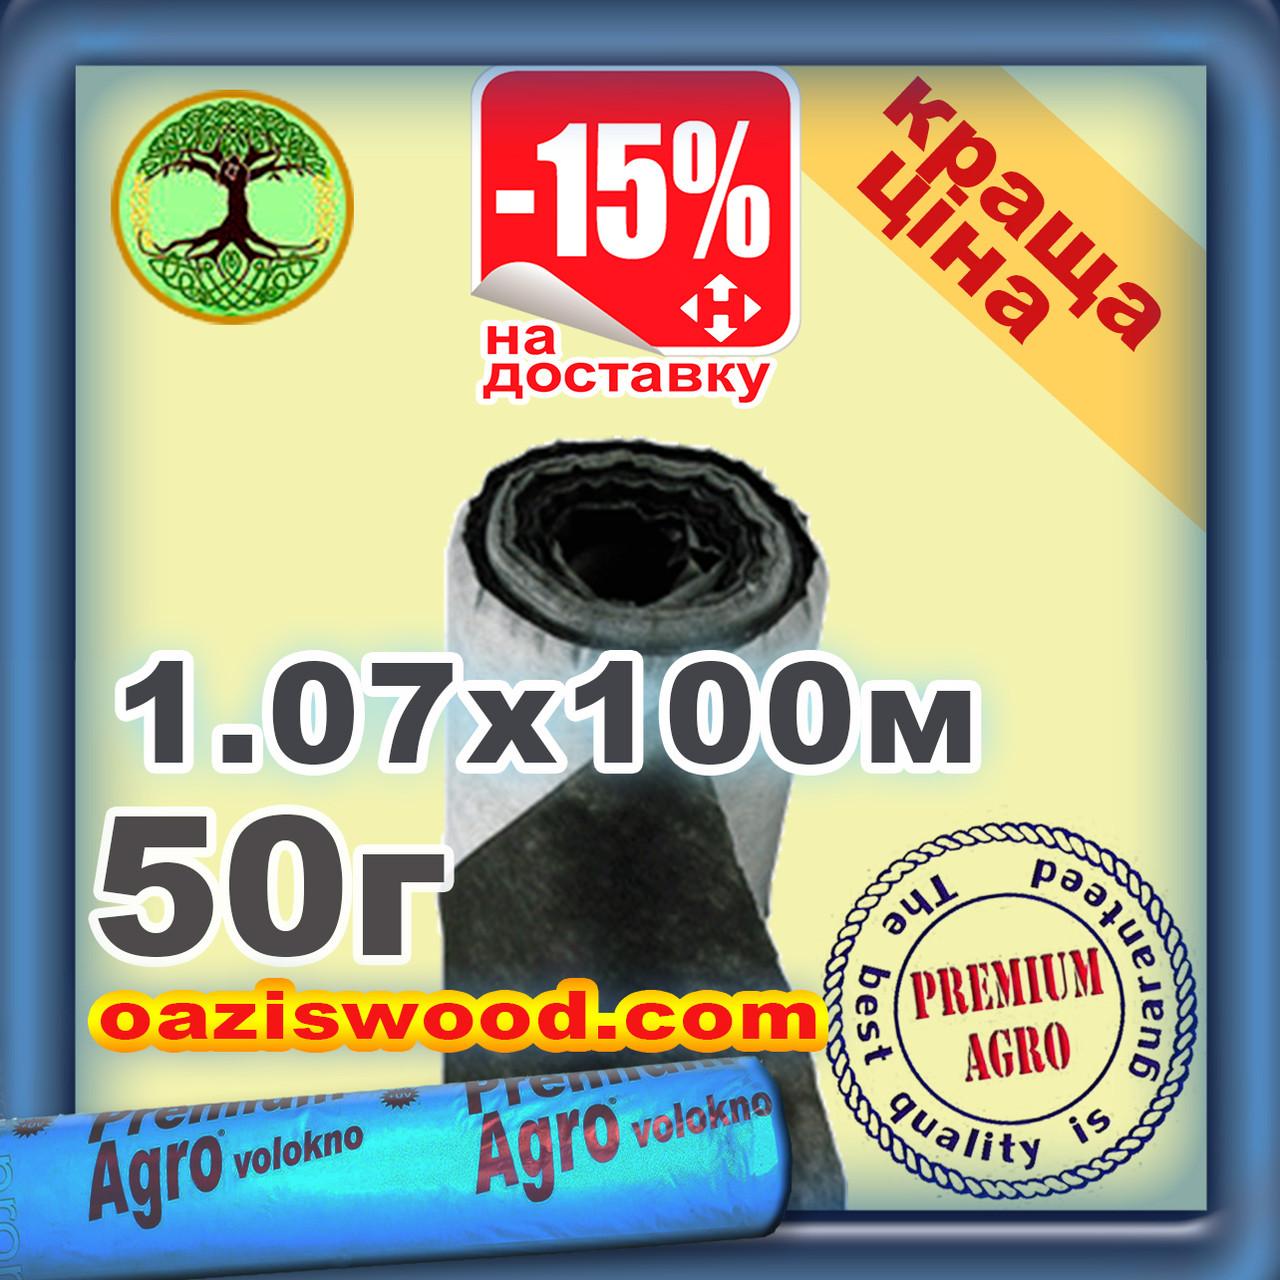 Агроволокно p-50g 1.07*100м черно-белое UV-P 4.5% Premium-Agro Польша